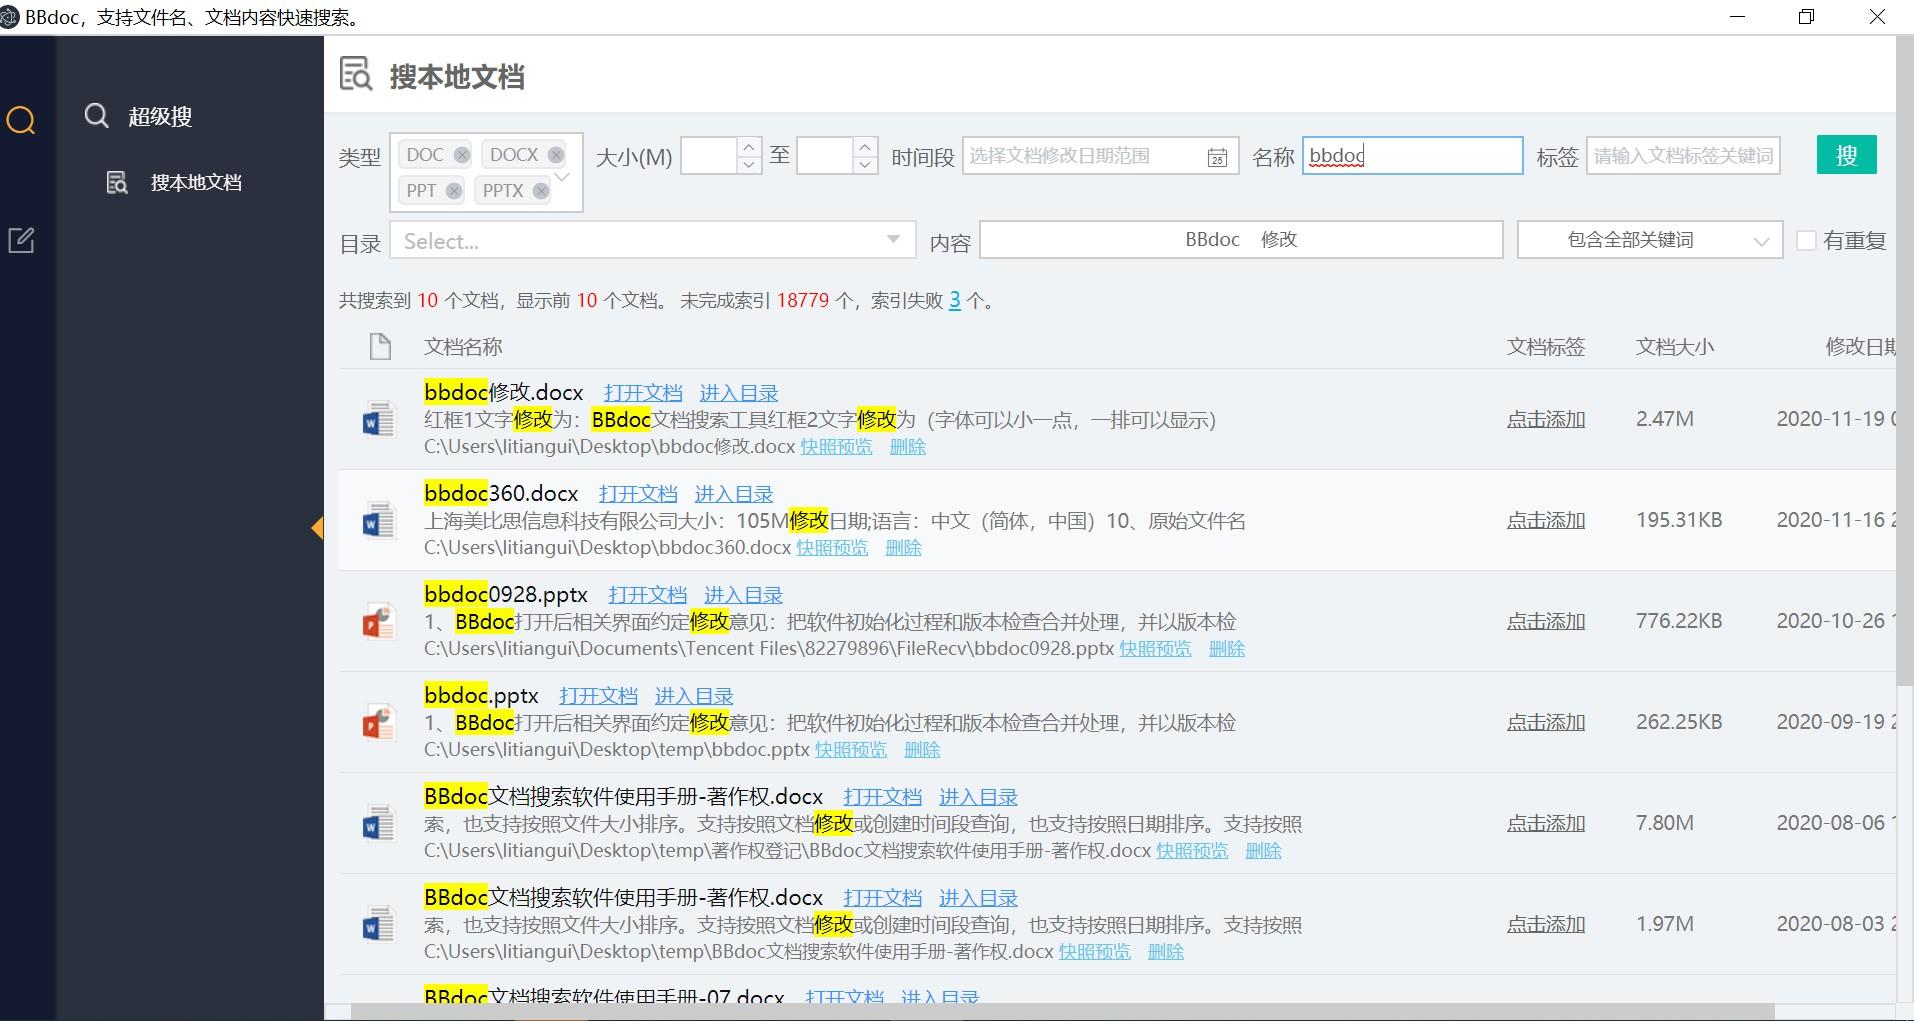 BBdoc电脑文档快速搜索工具(64位版本)截图